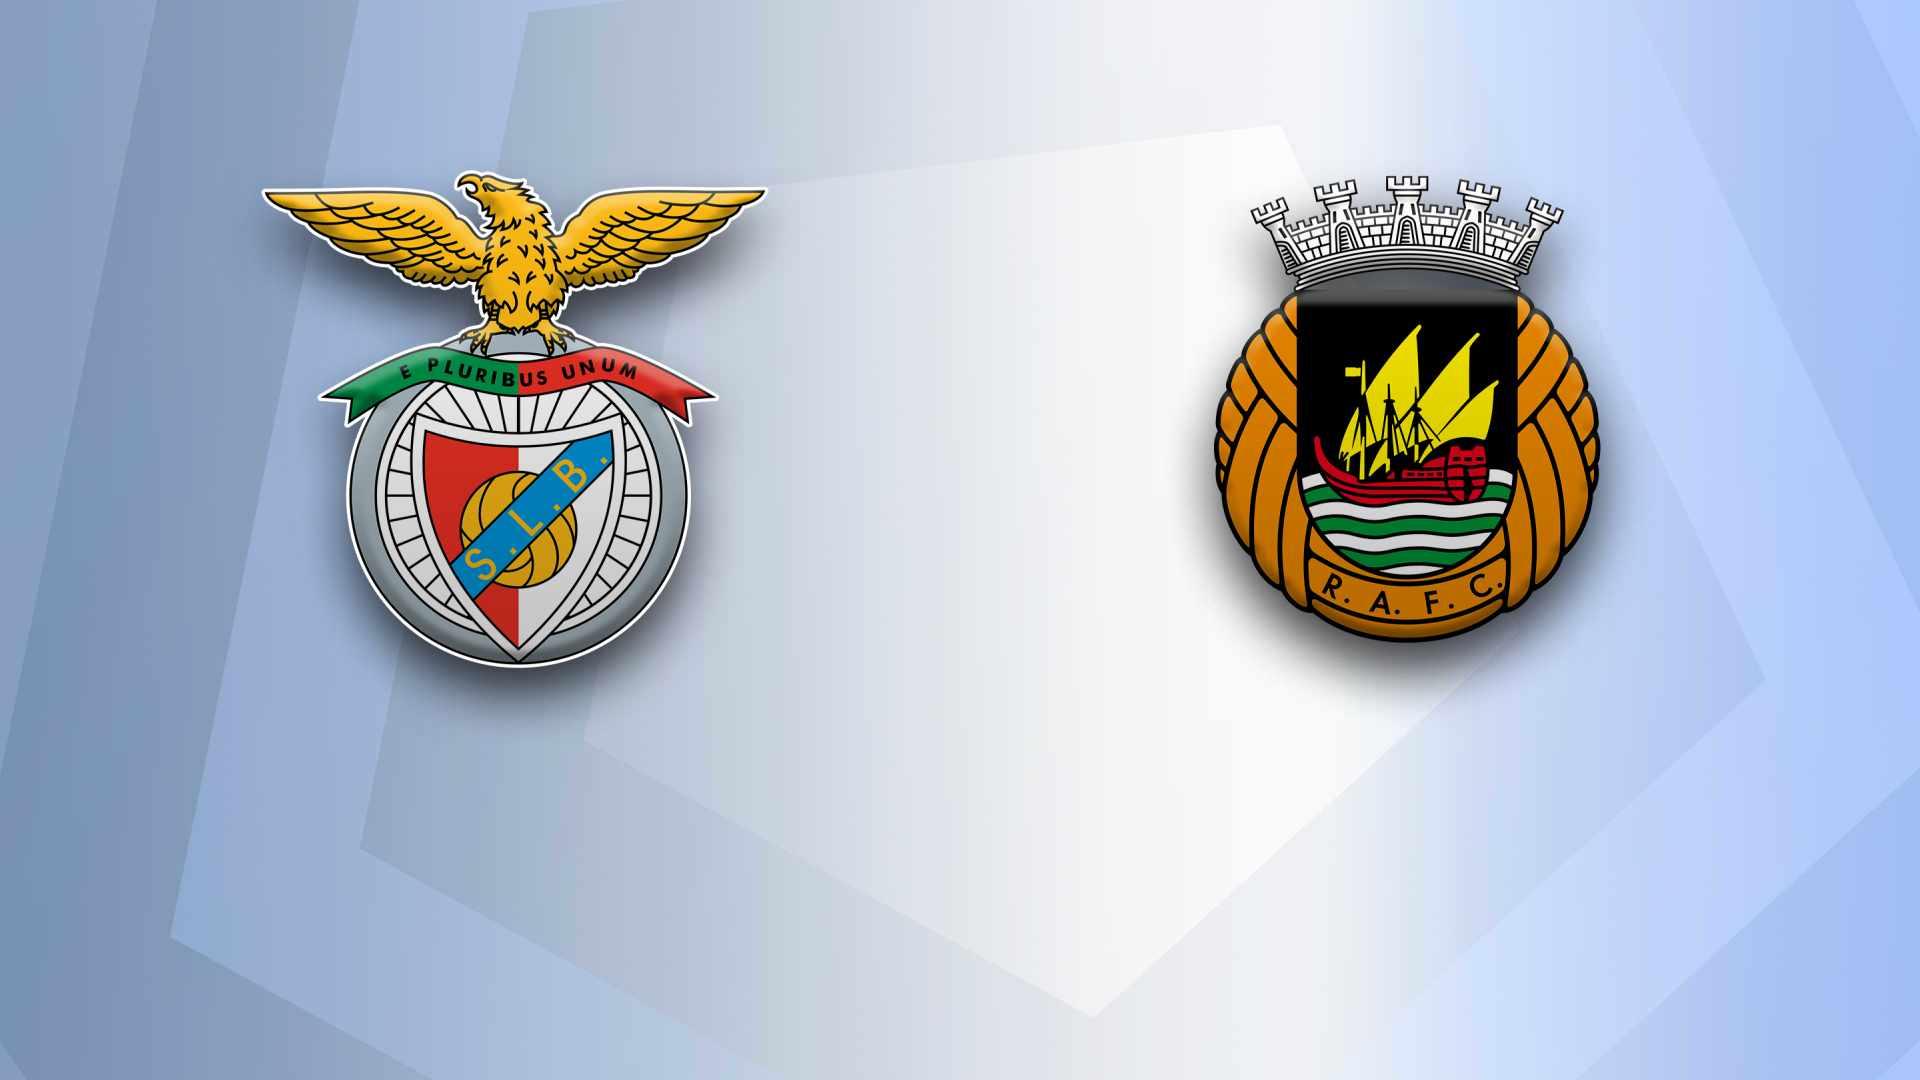 Benfica Lissabon - FC Rio Ave 01.03.2021 um 19:55 Uhr auf Sportdigital